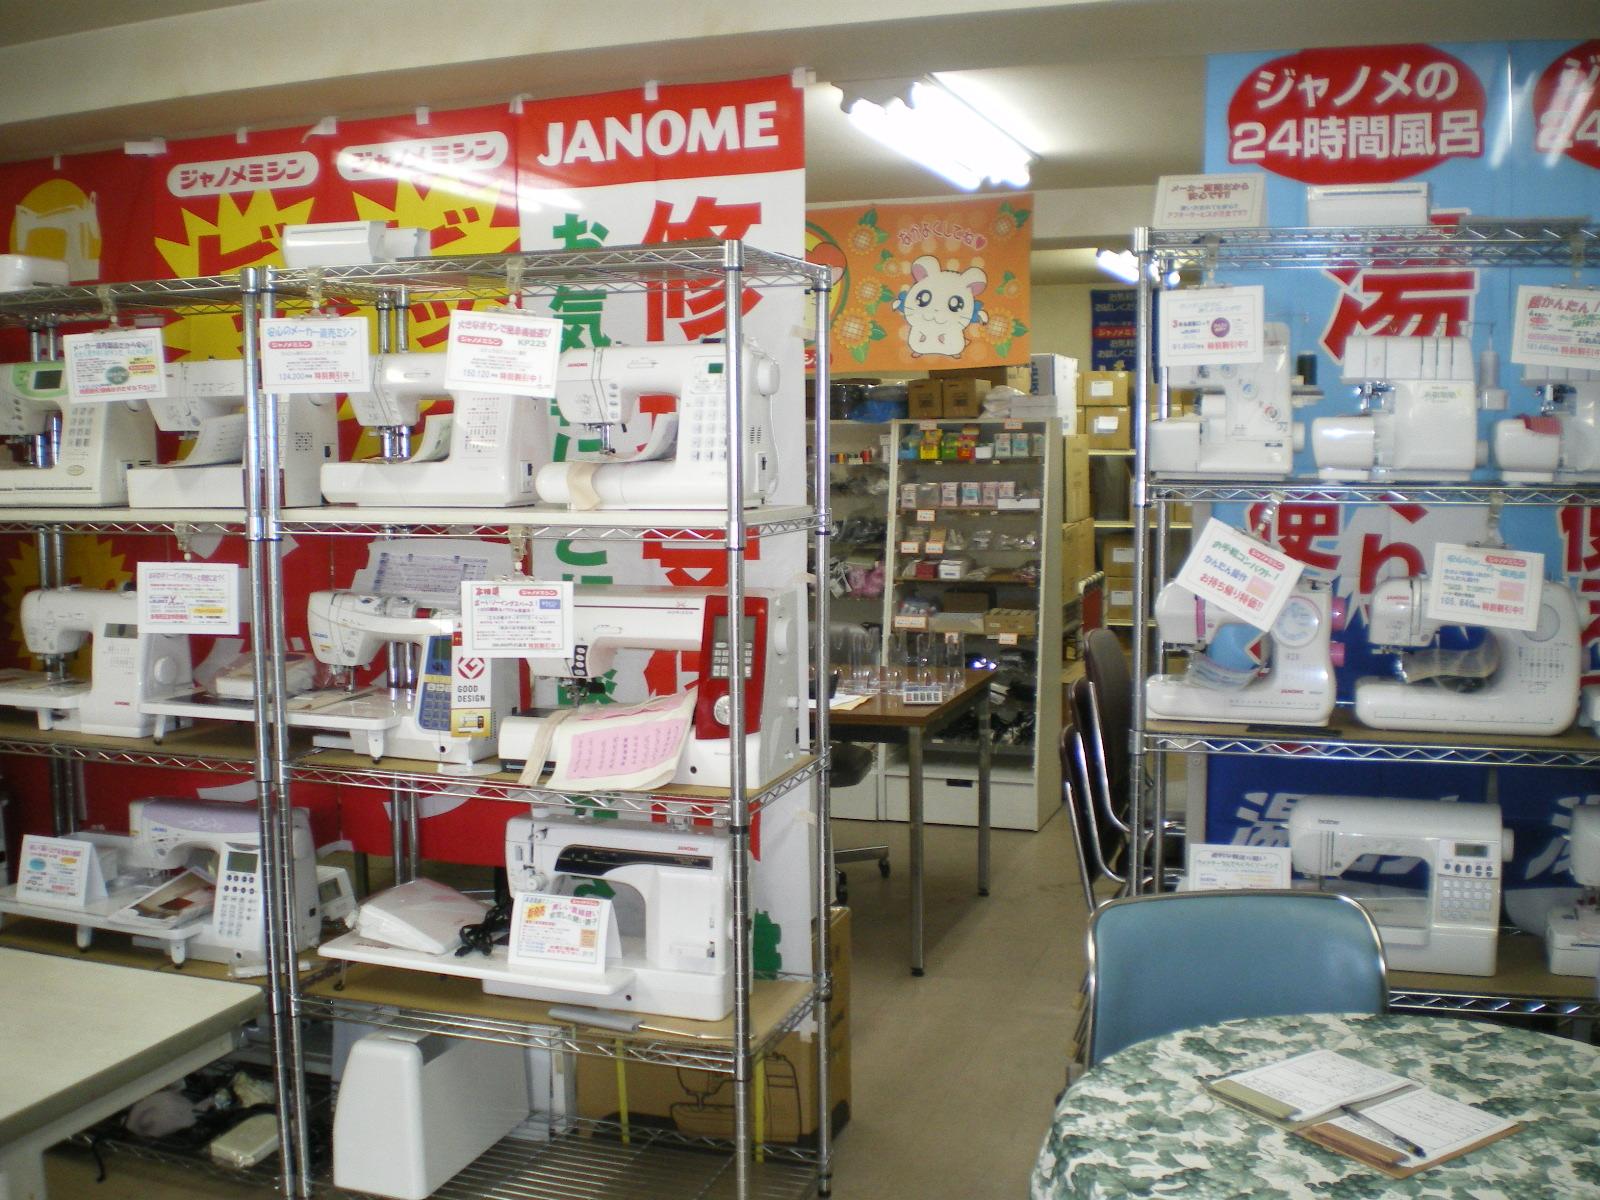 ジャノメミシン札幌中央店 札幌:ミシン販売・修理